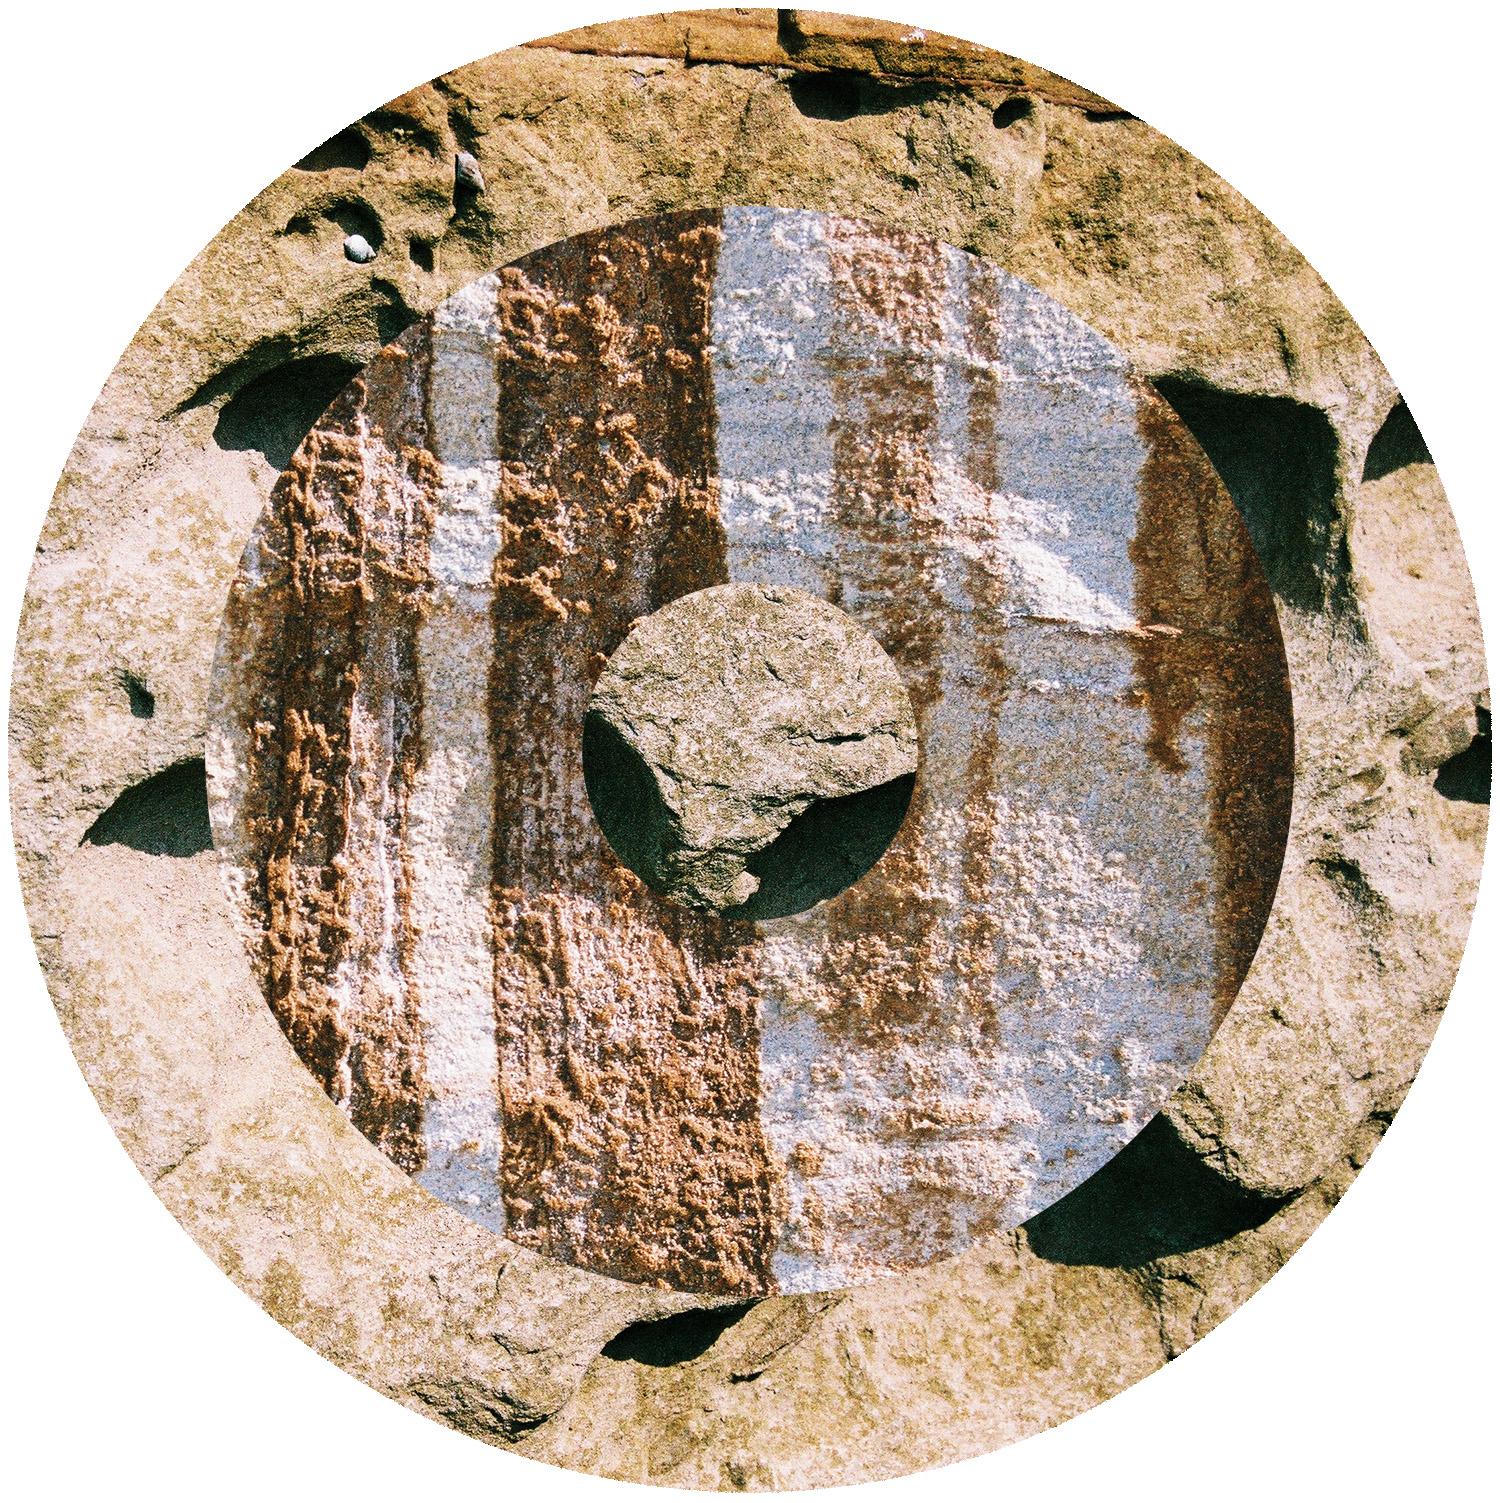 rock composite 6.jpg